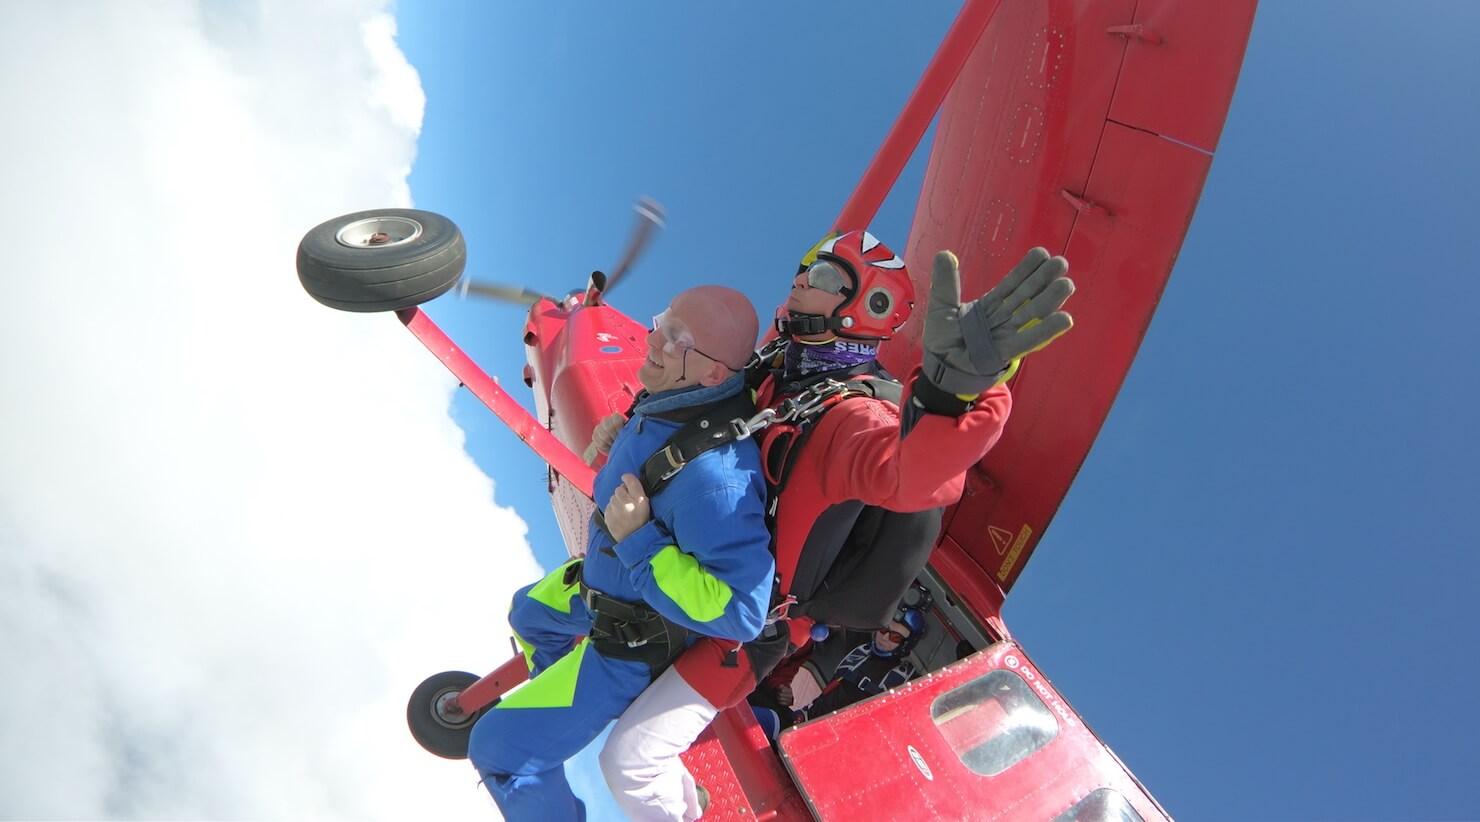 szukanie pasji - skok ze spadochronem